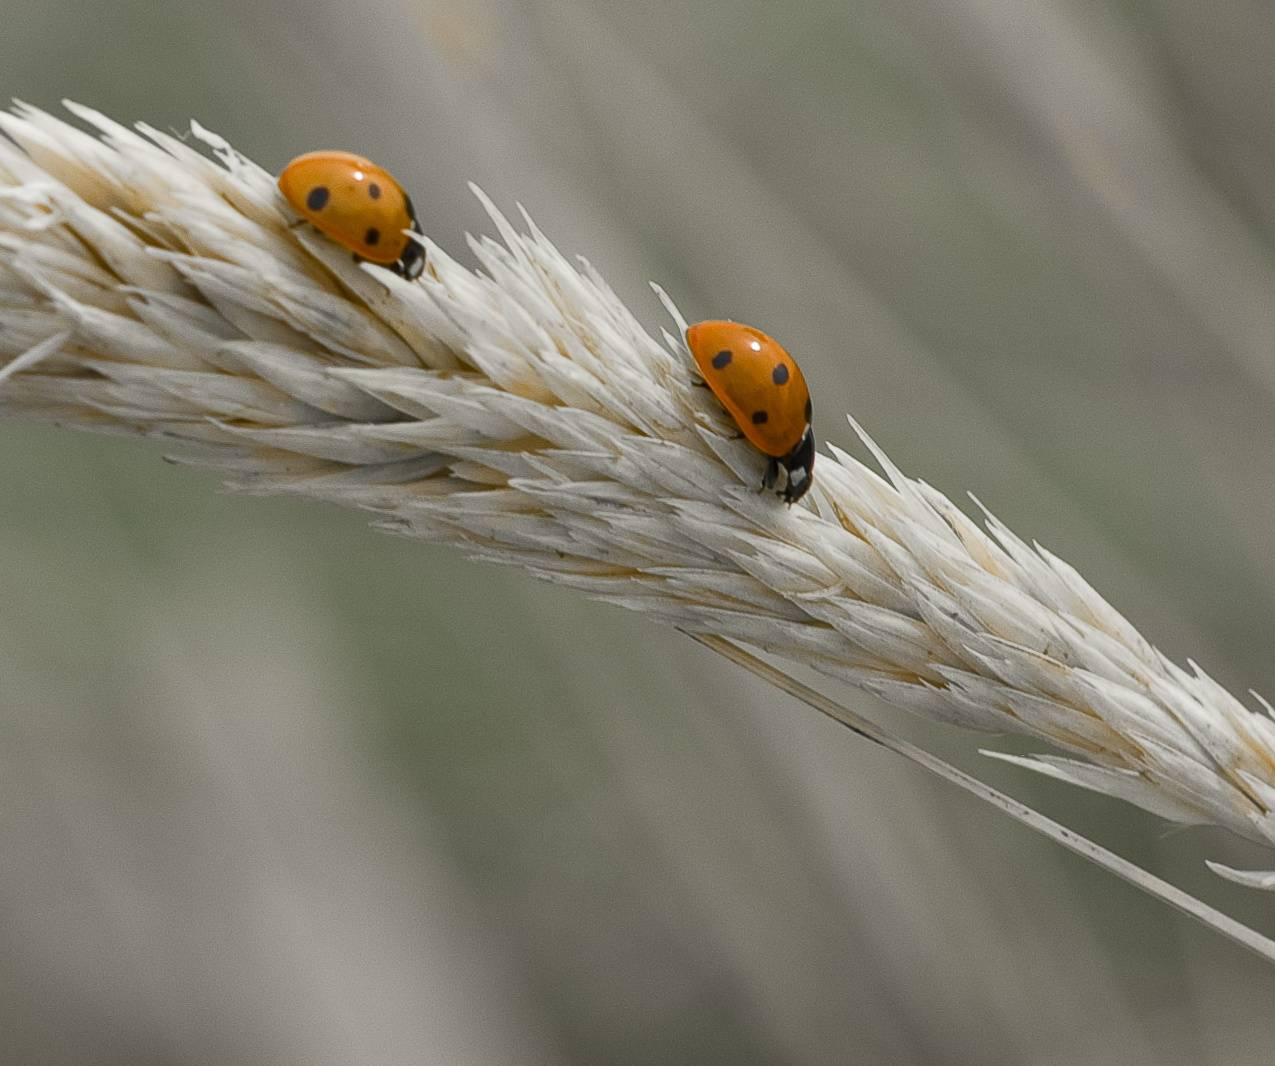 Ladybug Race